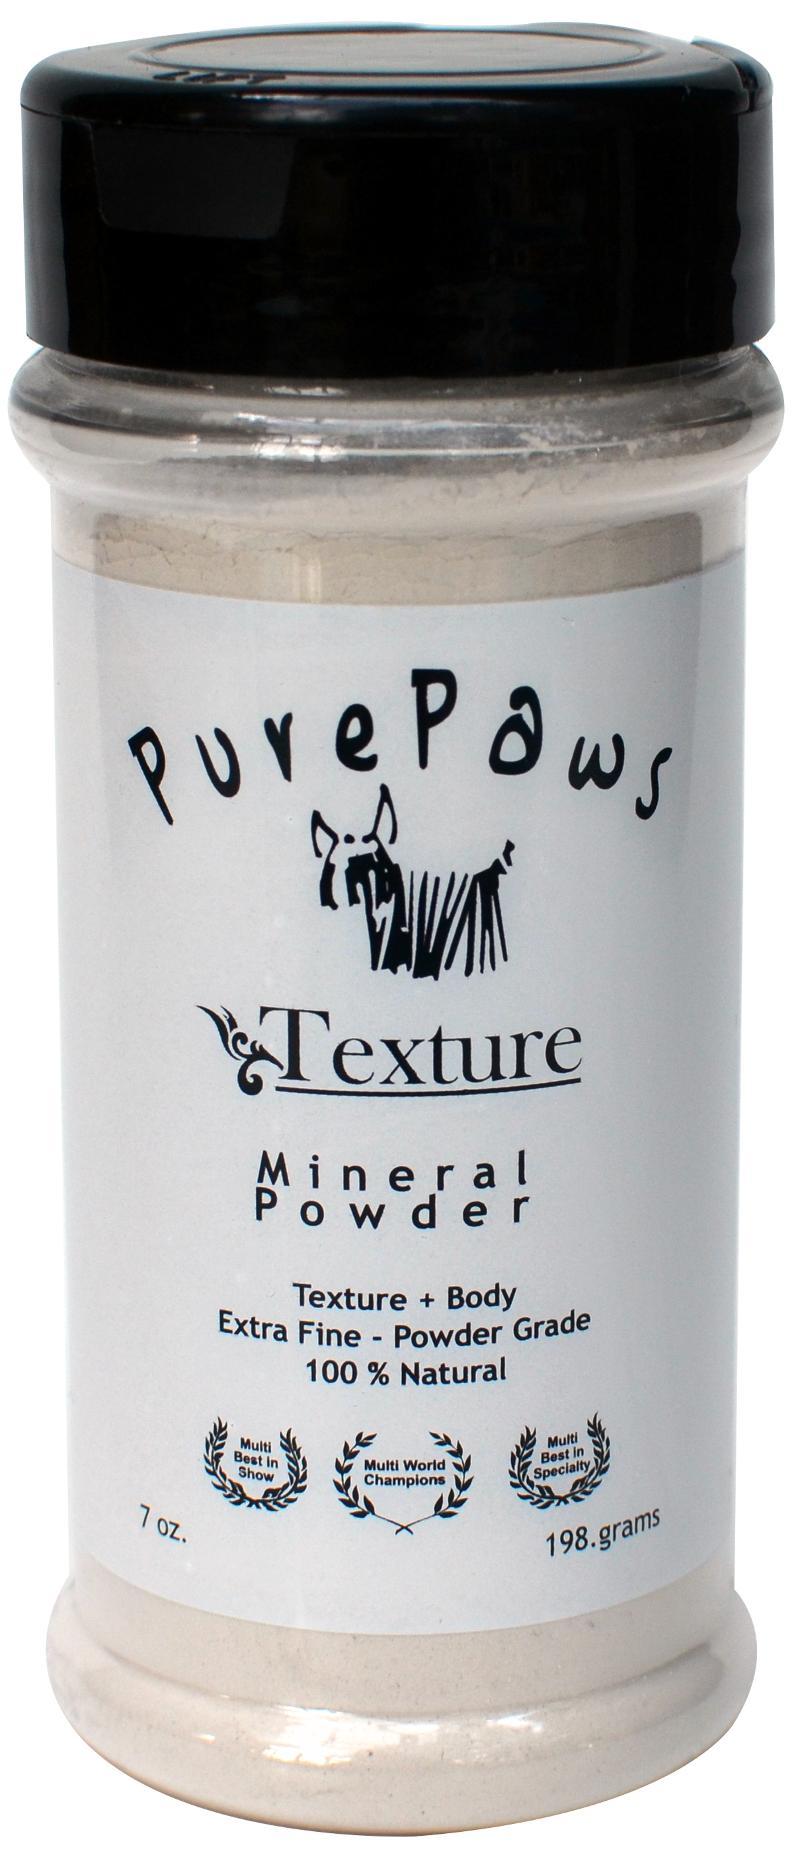 Texture Minerals Powder